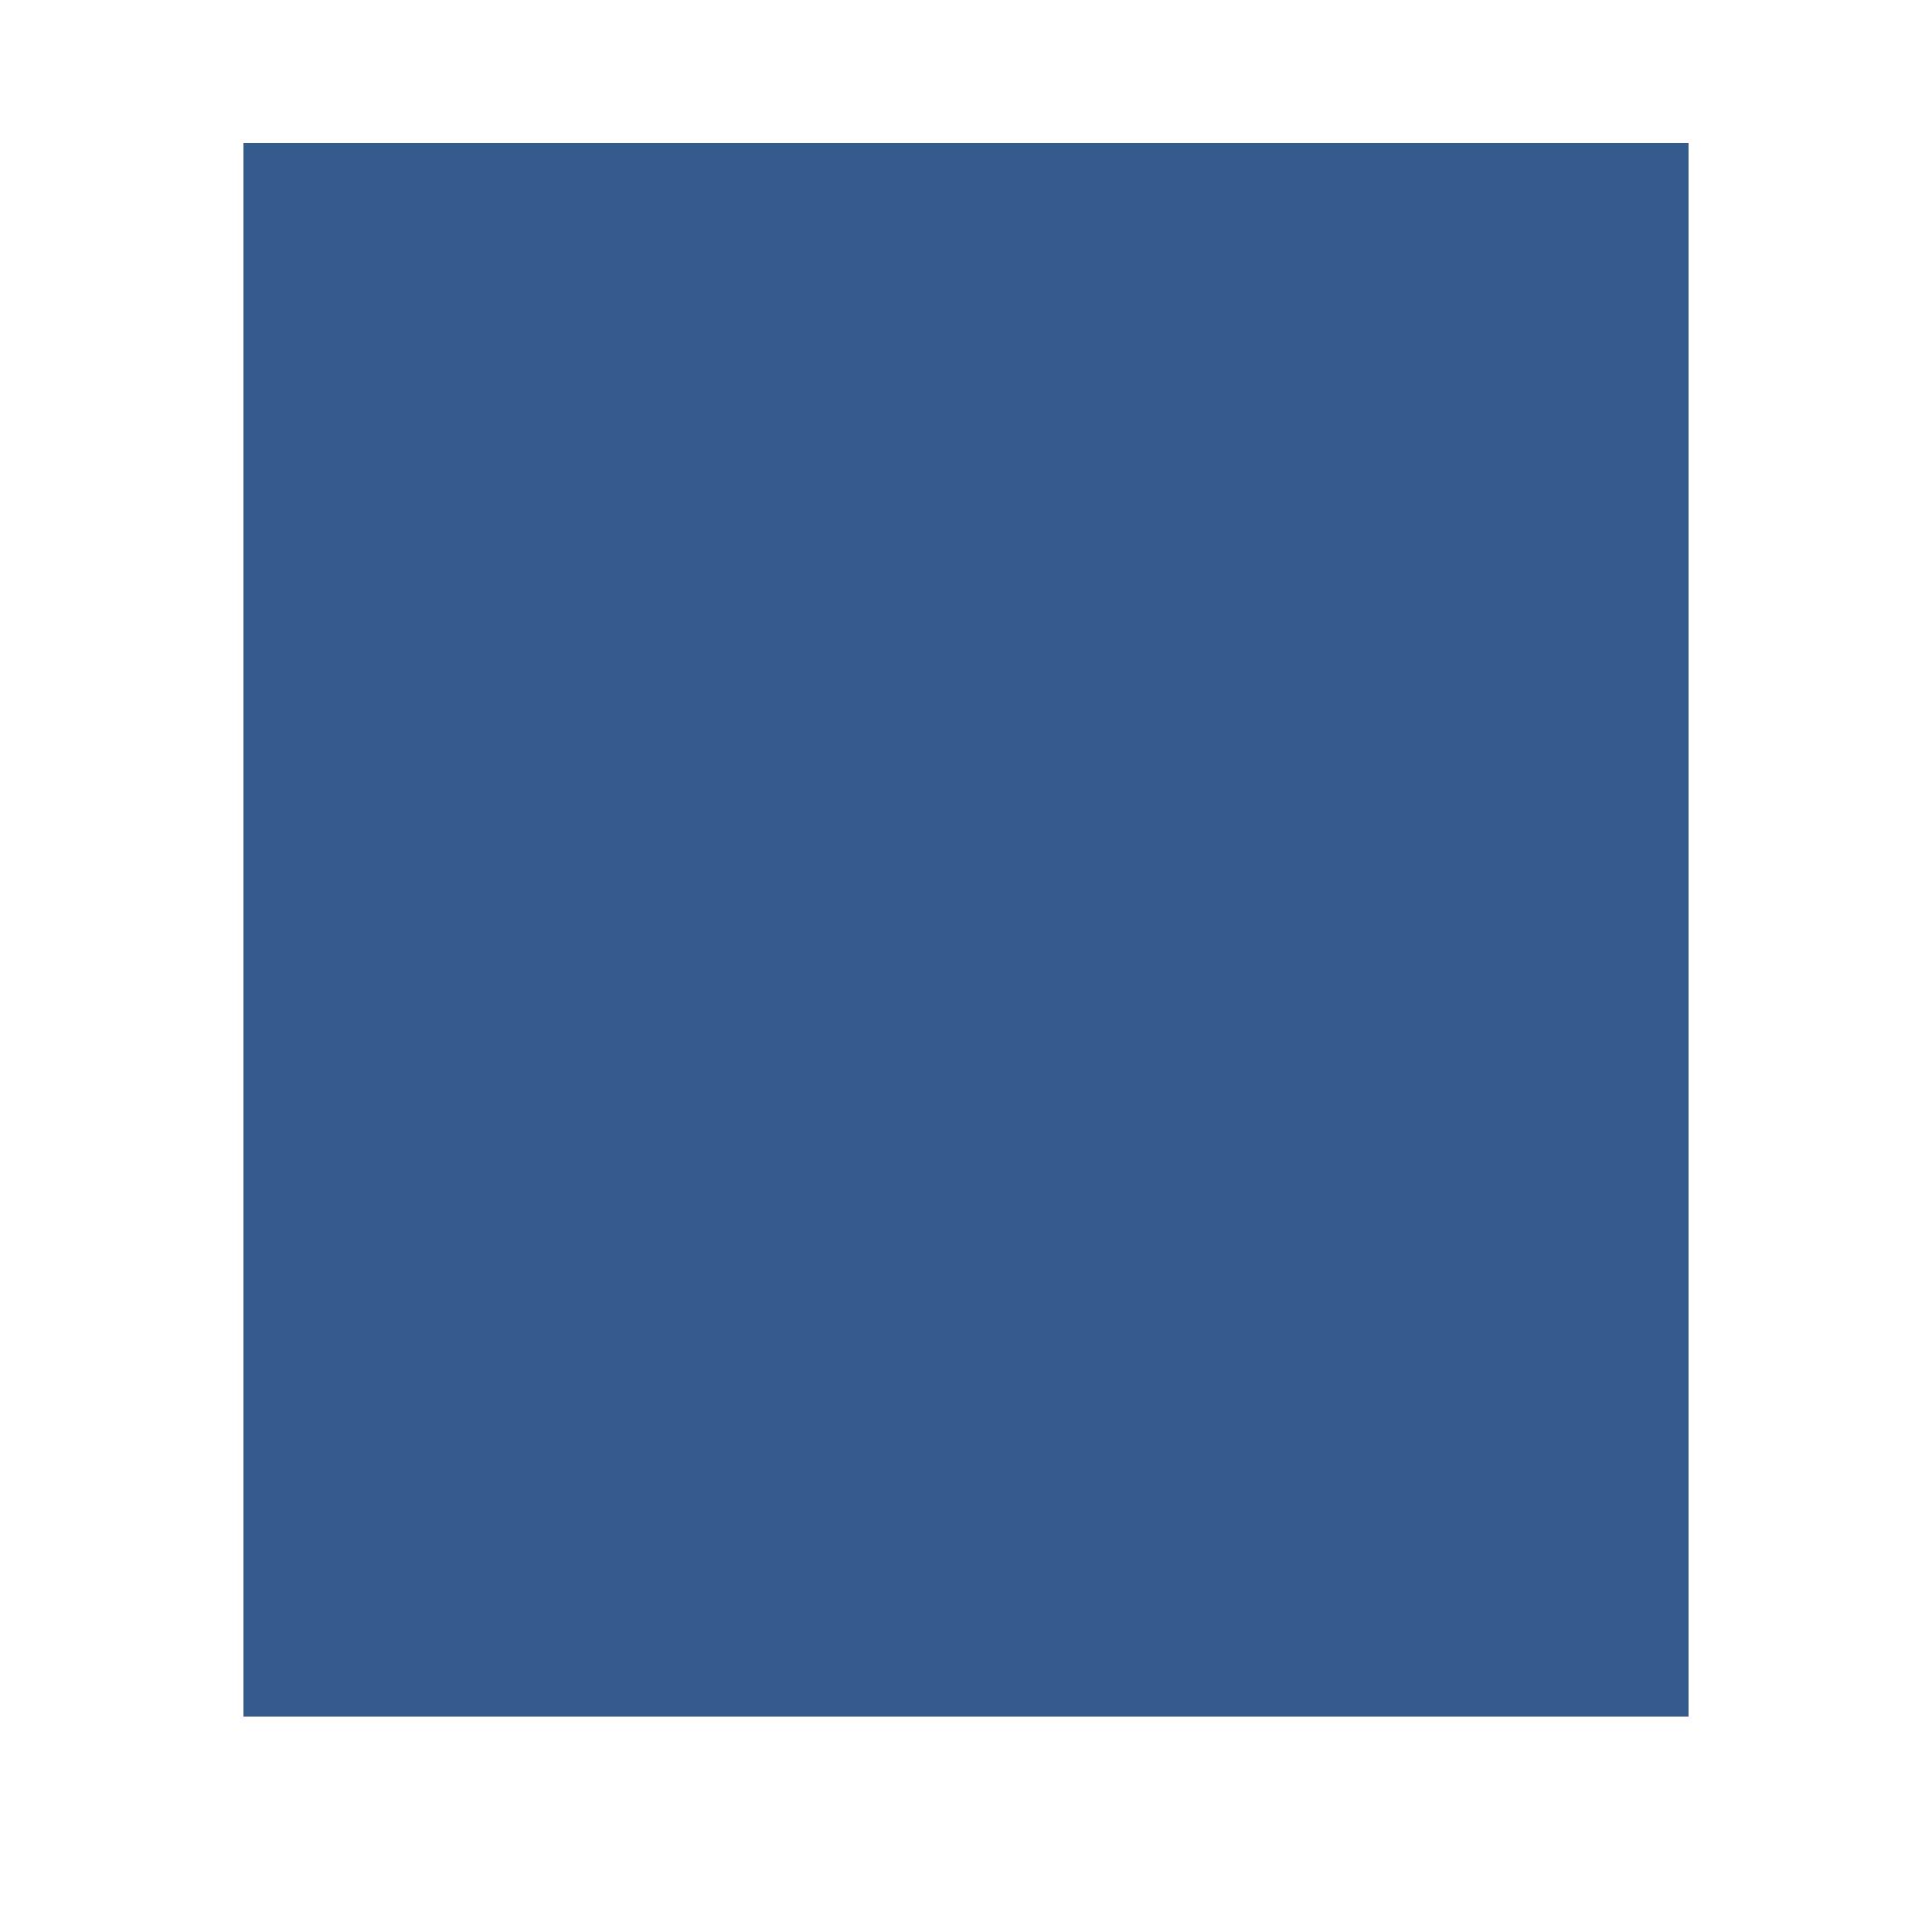 250_Meters